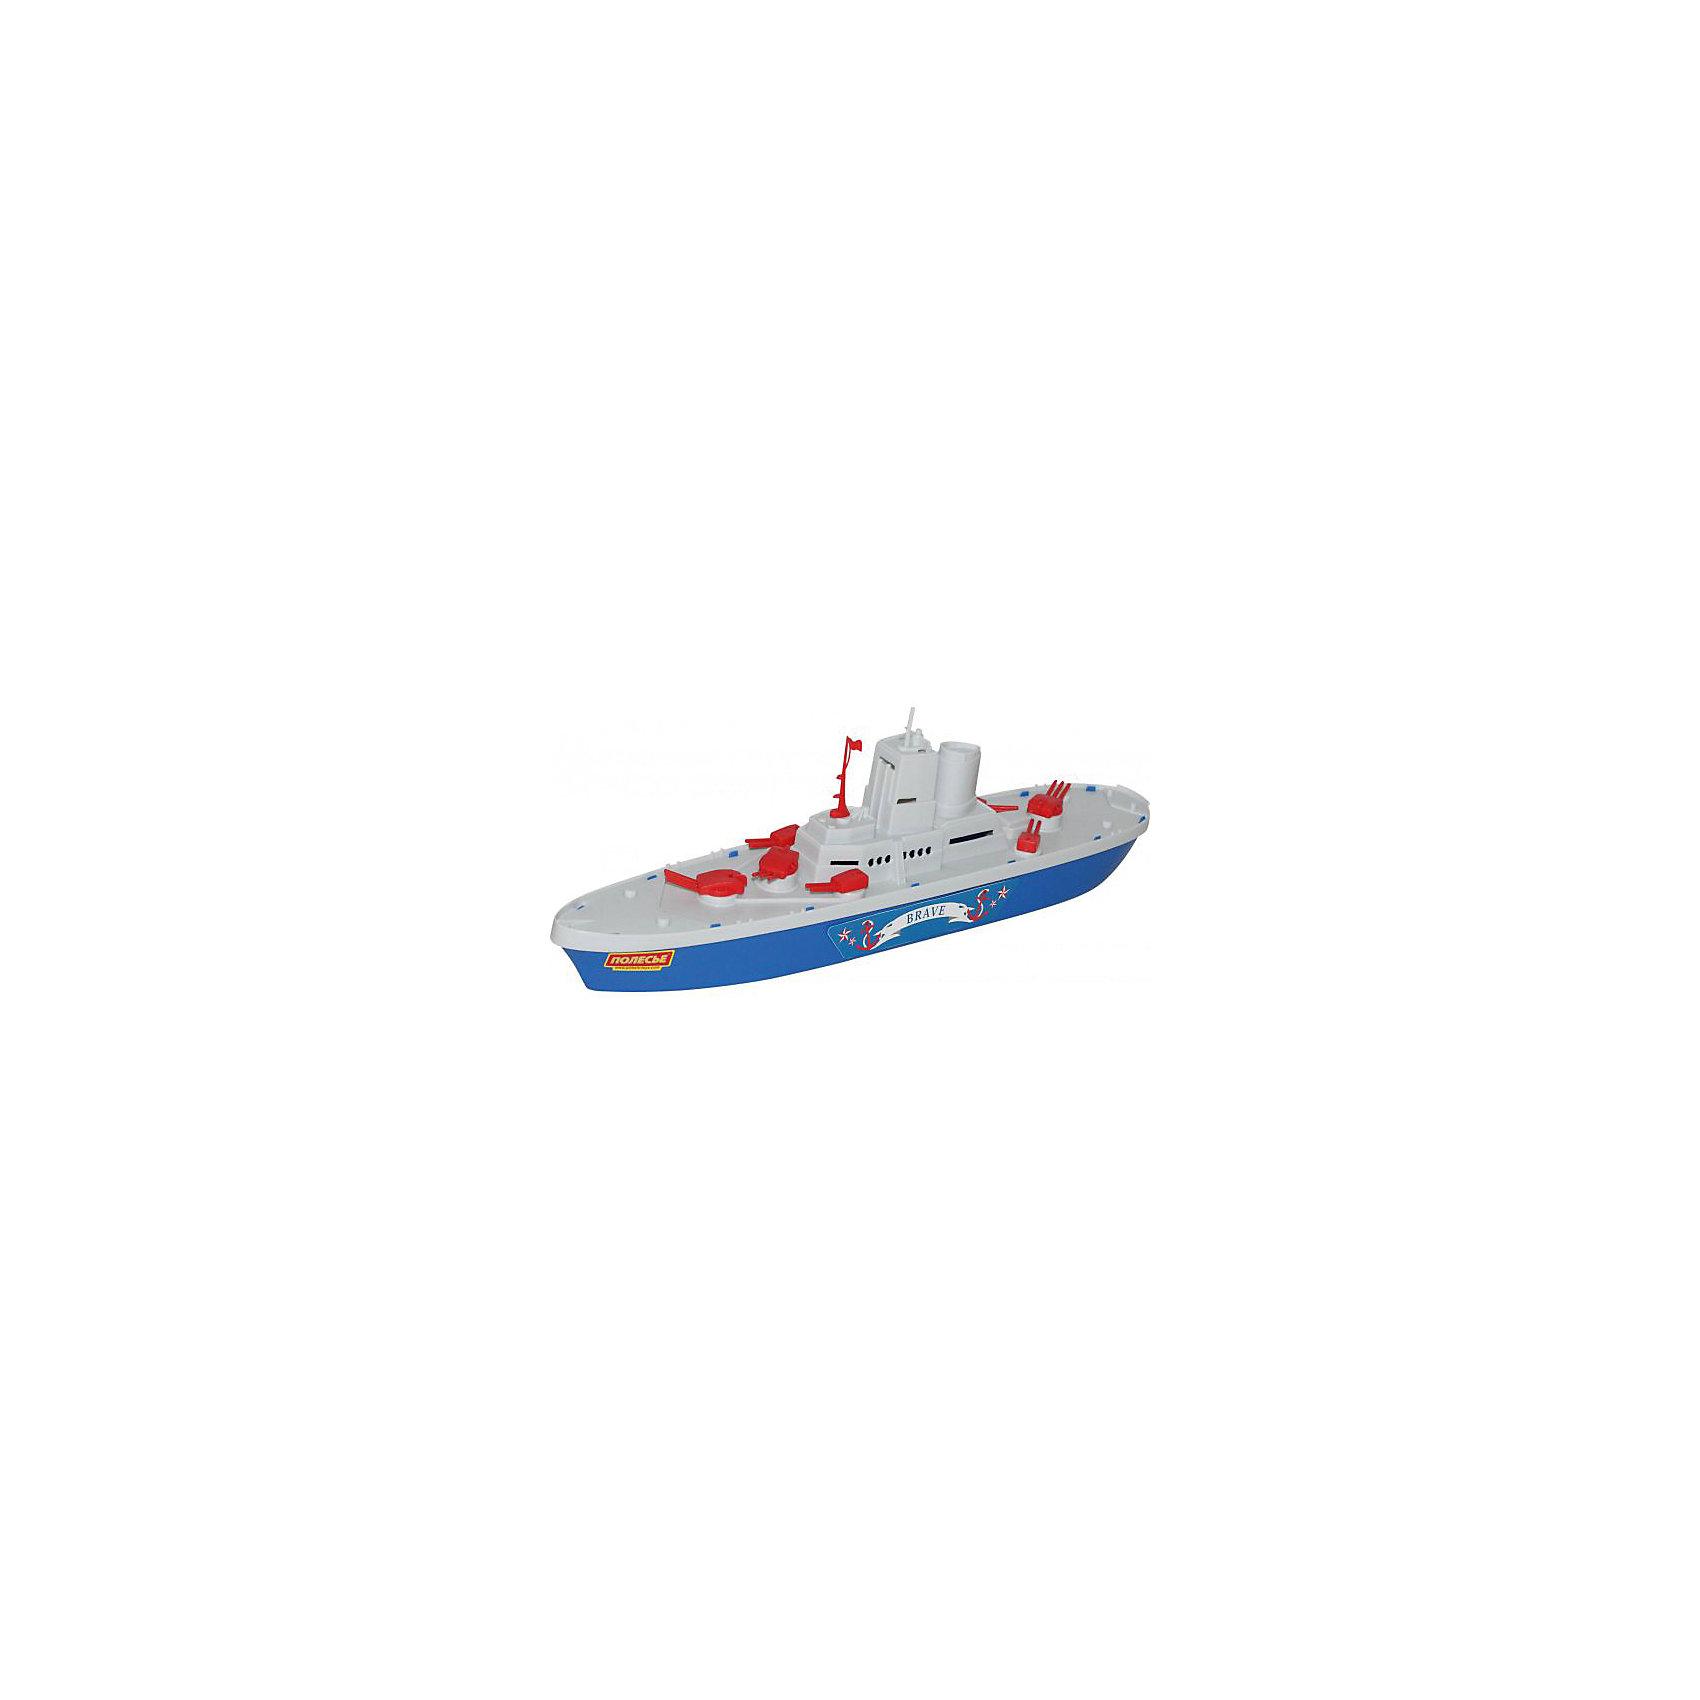 Крейсер Смелый, ПолесьеКорабли и лодки<br>Паром Лагуна  создан для активного отдыха всей семьи. Его можно взять с собой на природу и запускать в небольших водоёмах. Катер имеет индивидуальный стиль и яркую расцветку.<br><br>Ширина мм: 463<br>Глубина мм: 92<br>Высота мм: 135<br>Вес г: 330<br>Возраст от месяцев: 36<br>Возраст до месяцев: 96<br>Пол: Мужской<br>Возраст: Детский<br>SKU: 4763451